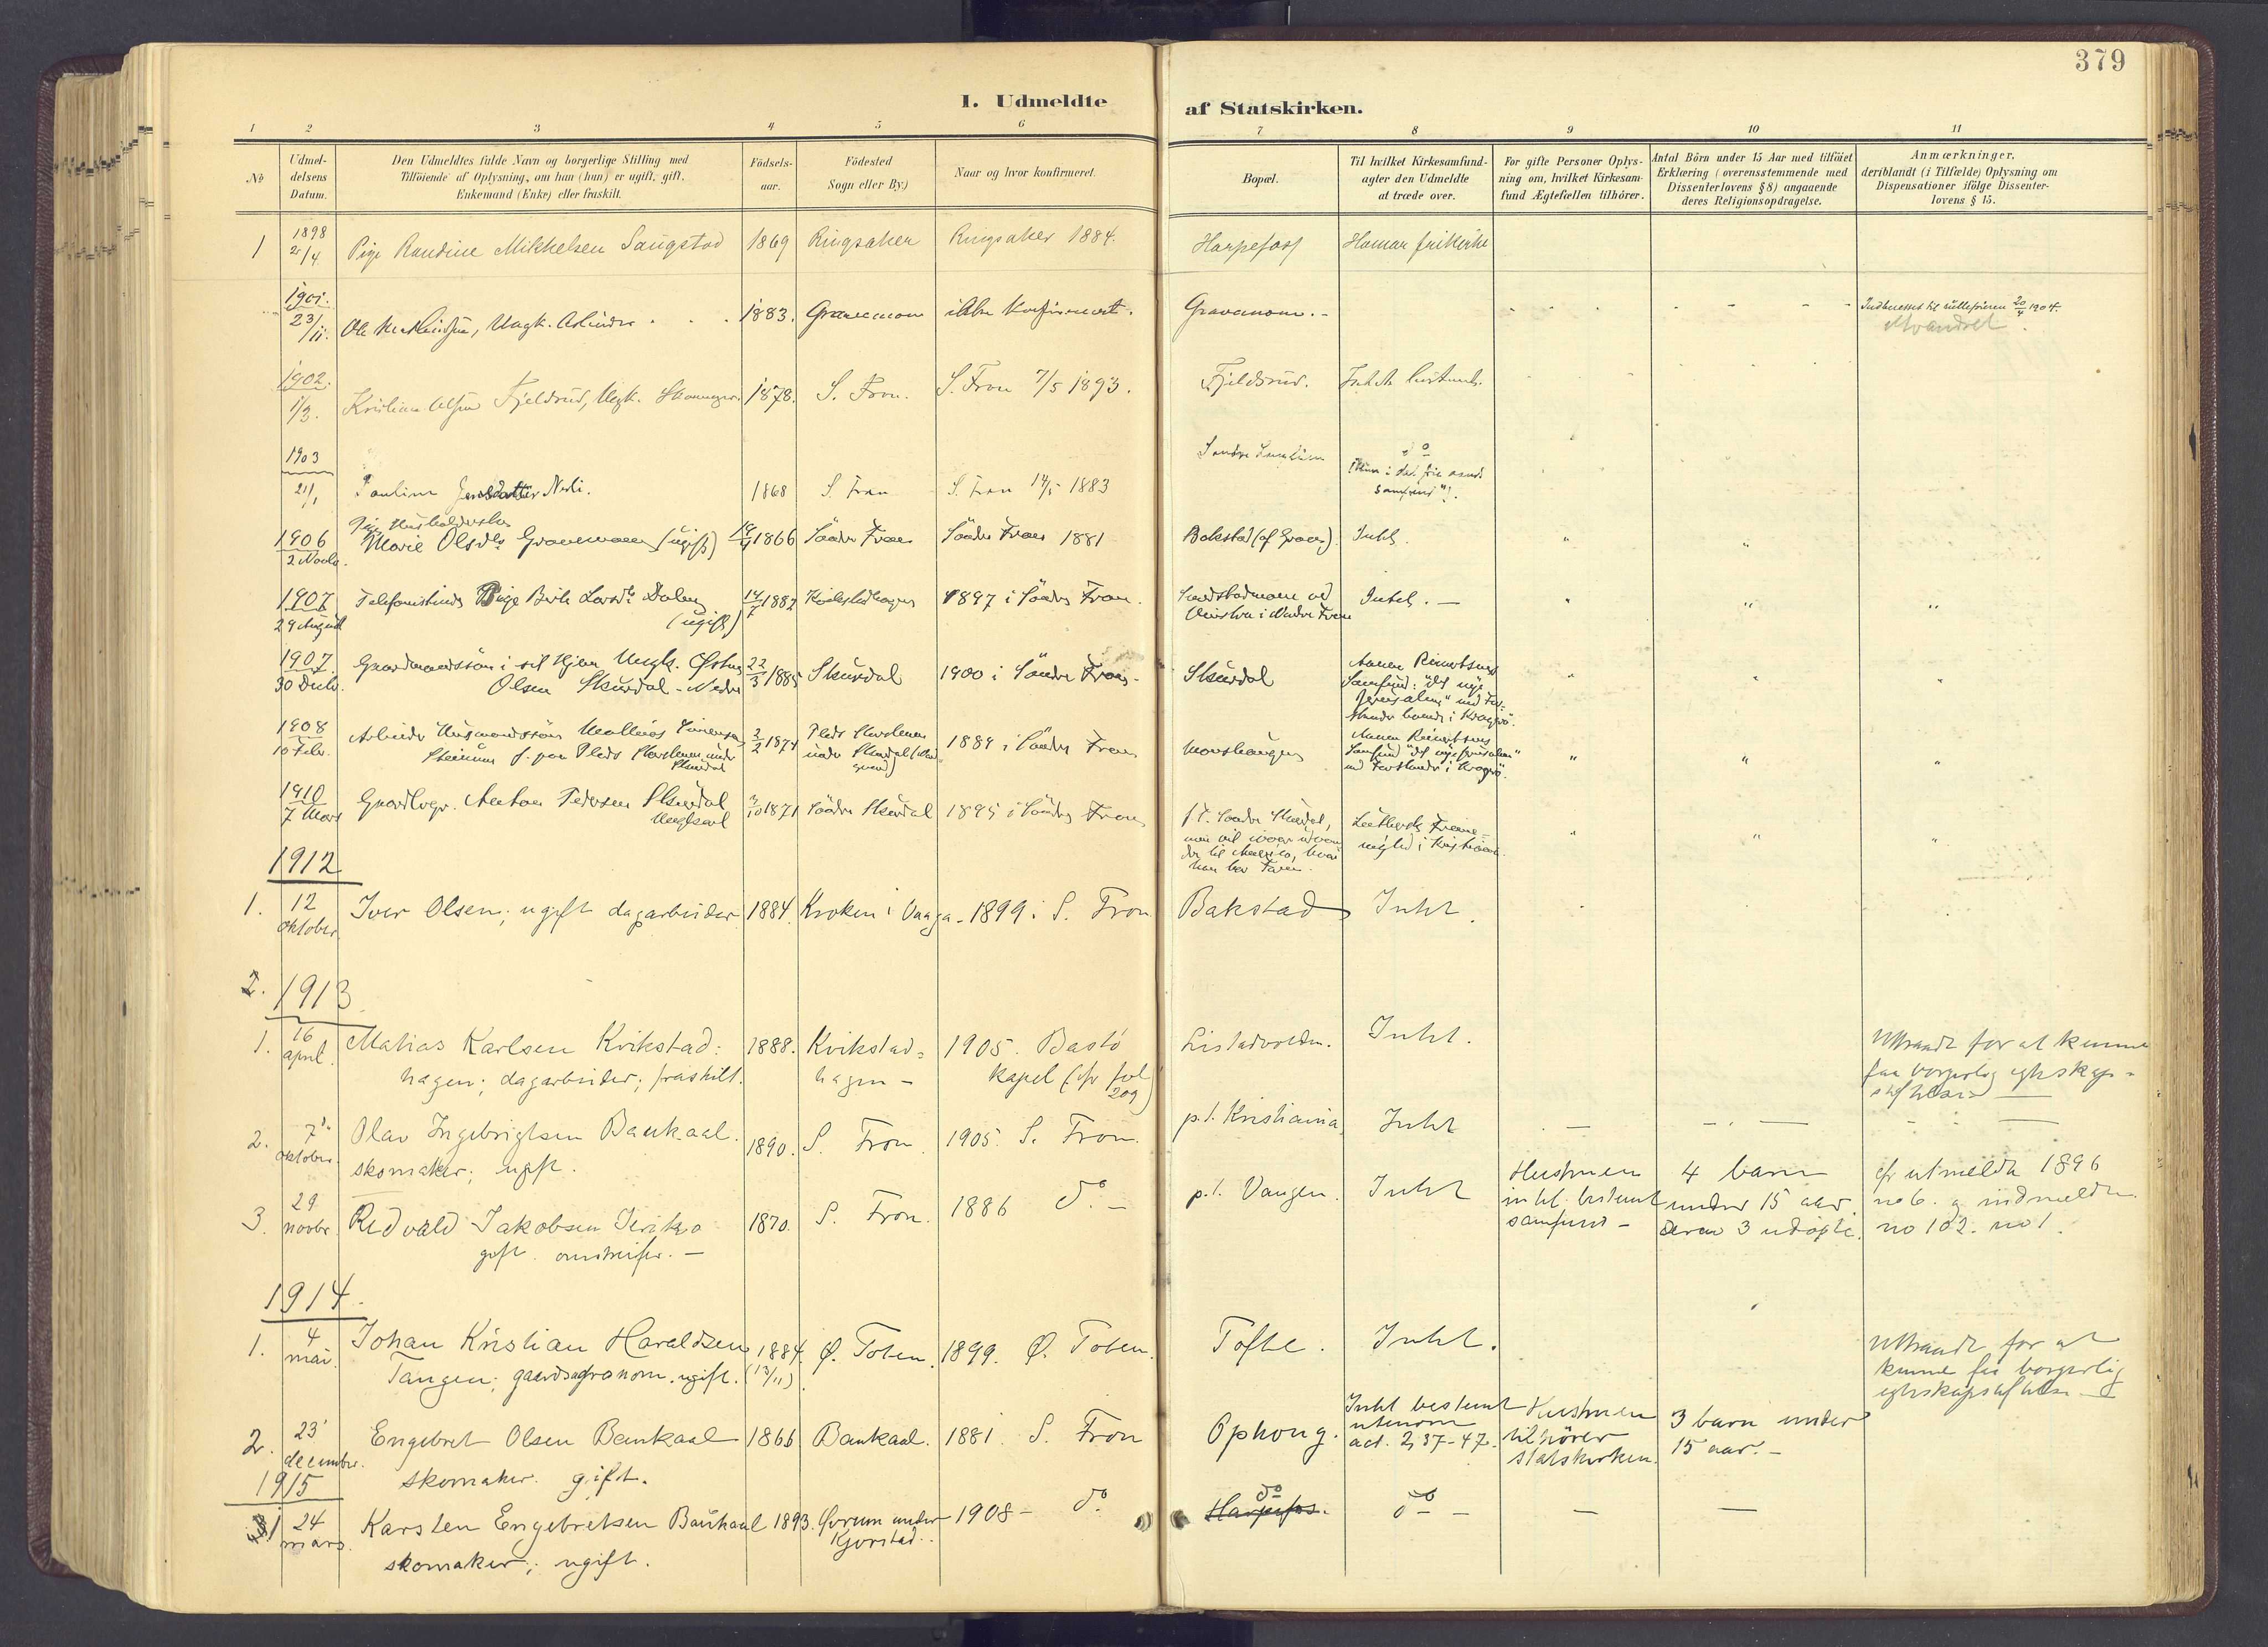 SAH, Sør-Fron prestekontor, H/Ha/Haa/L0004: Ministerialbok nr. 4, 1898-1919, s. 379